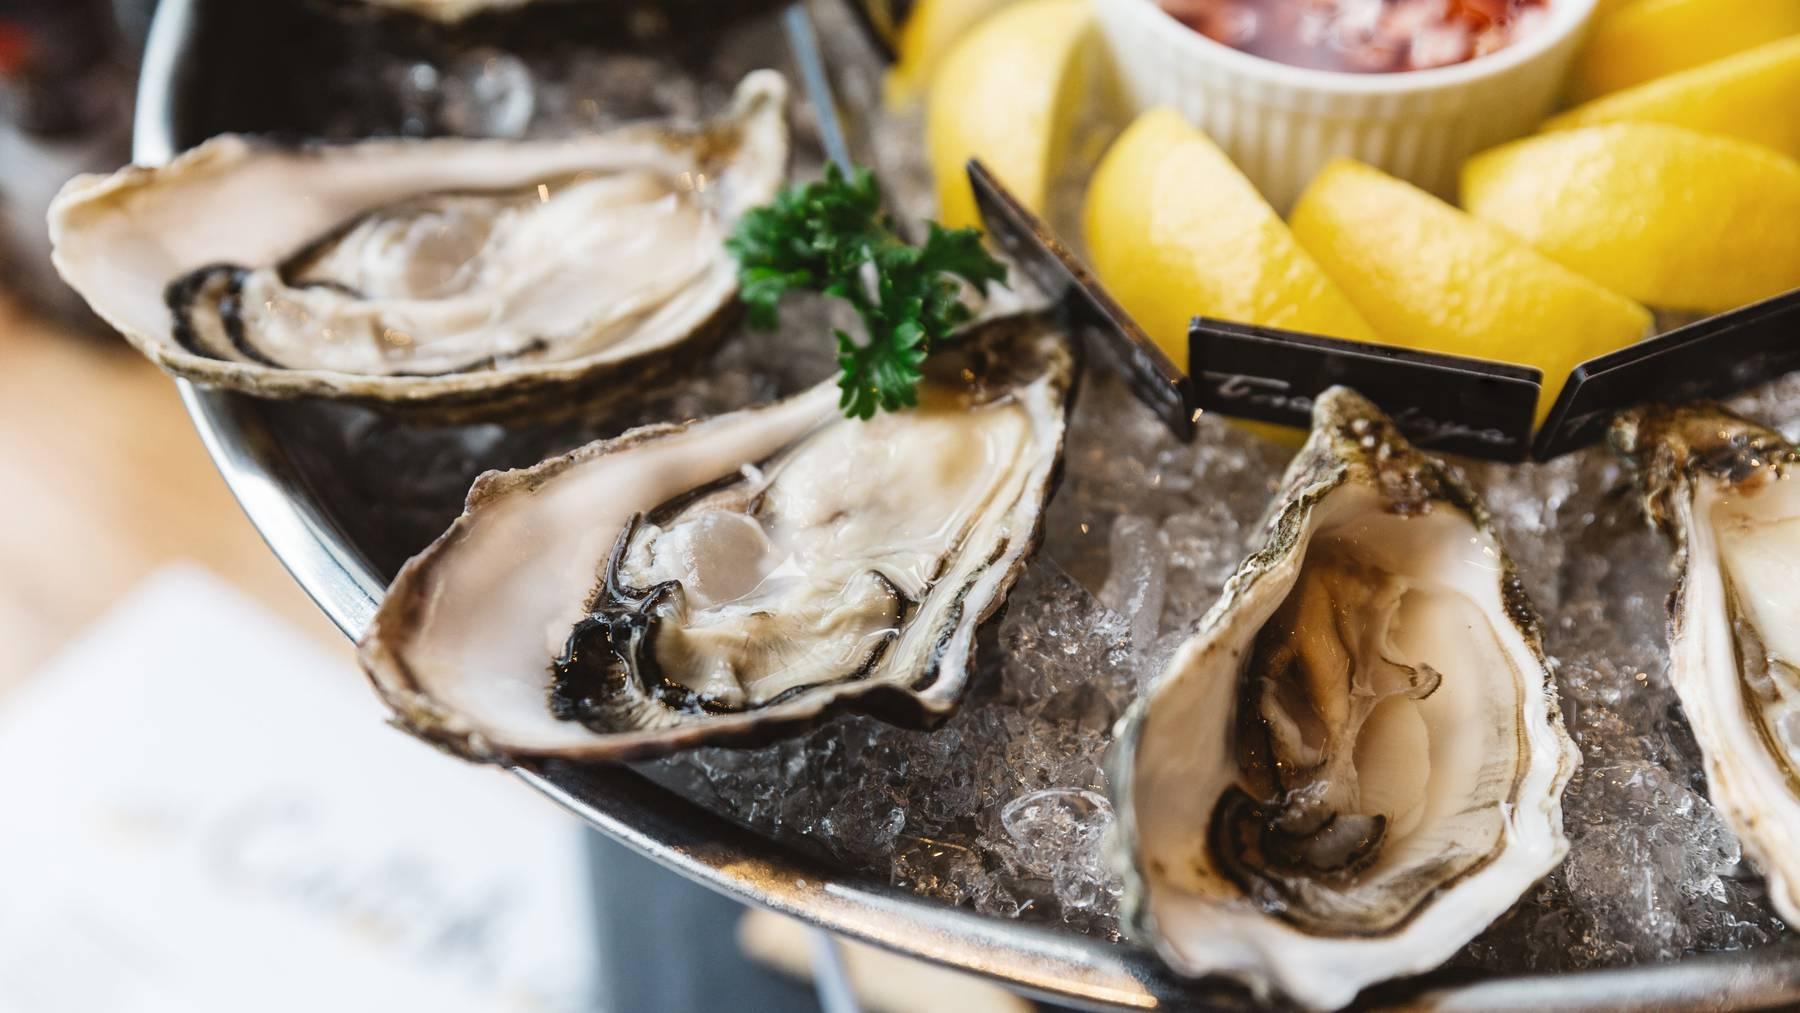 Austern, ein Genuss aus dem Meer.